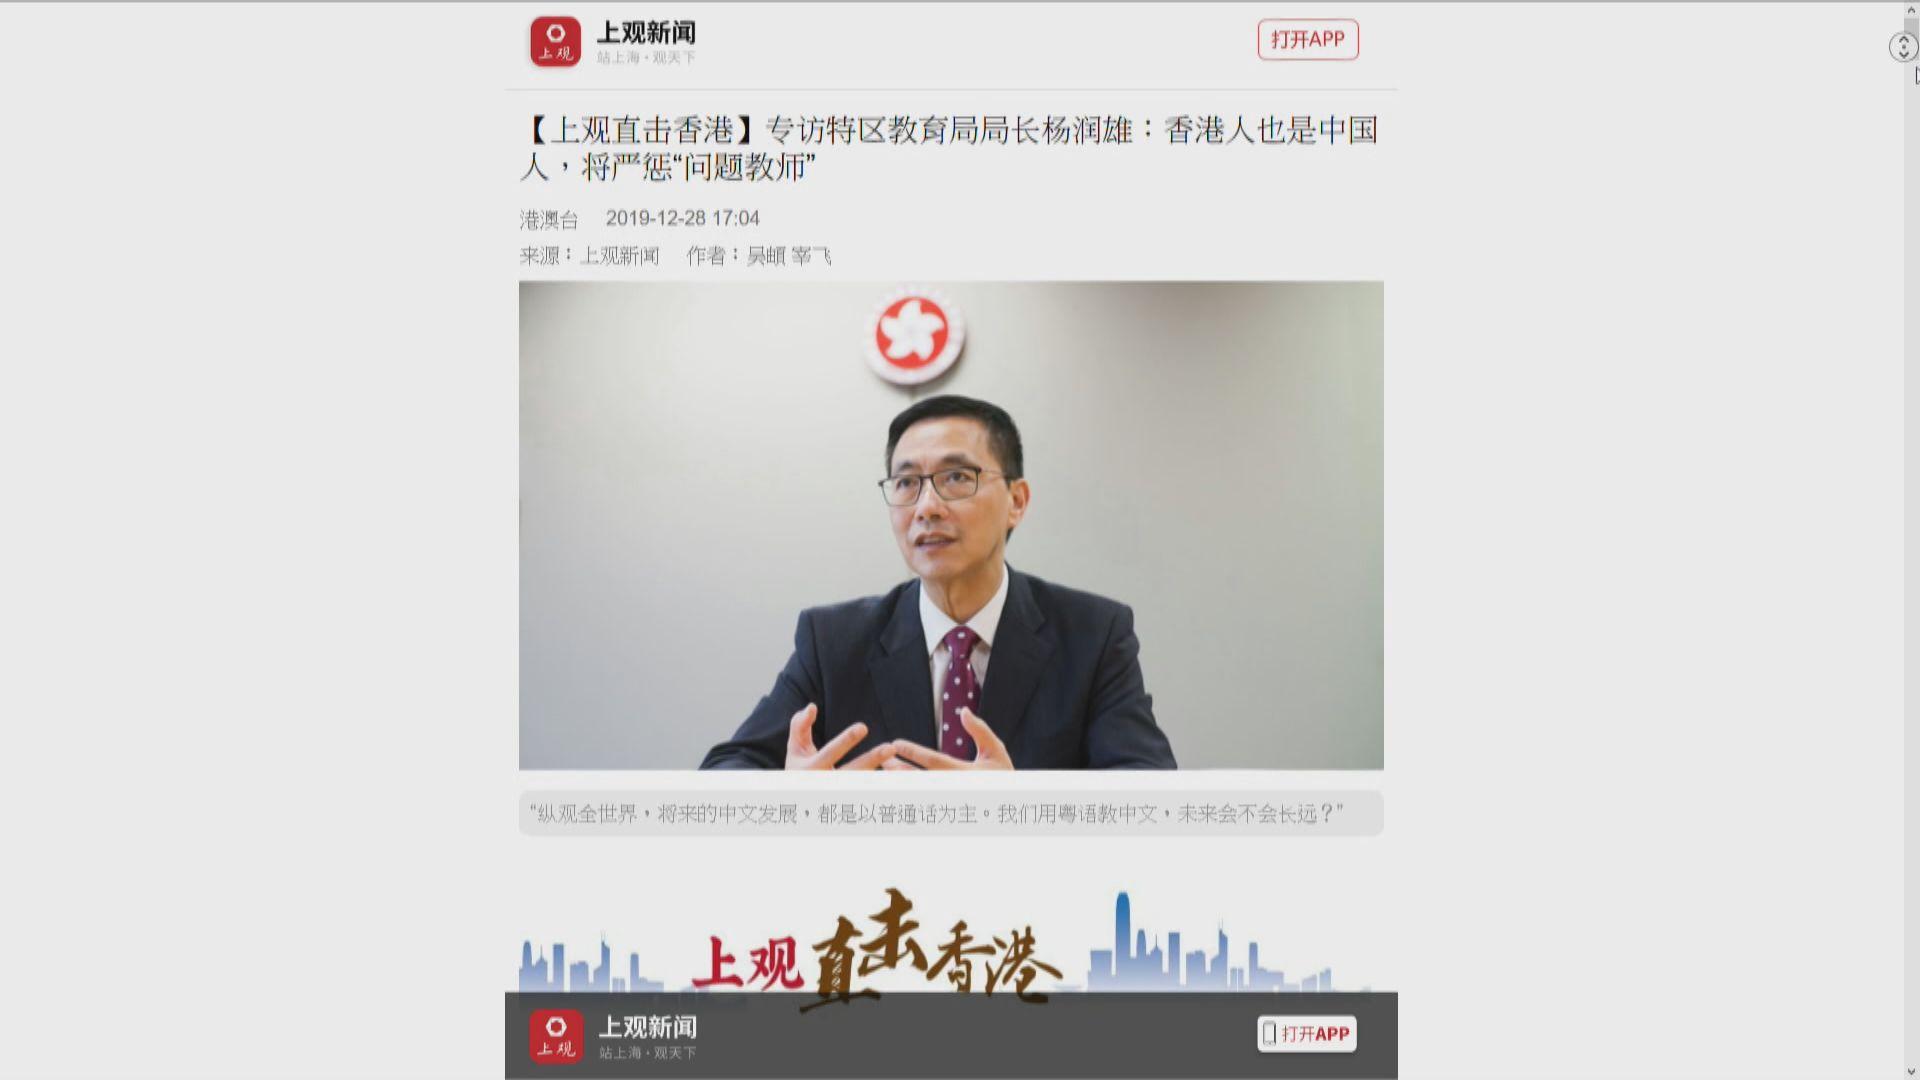 楊潤雄︰要求校長配合調查非要跟教育局看法一致